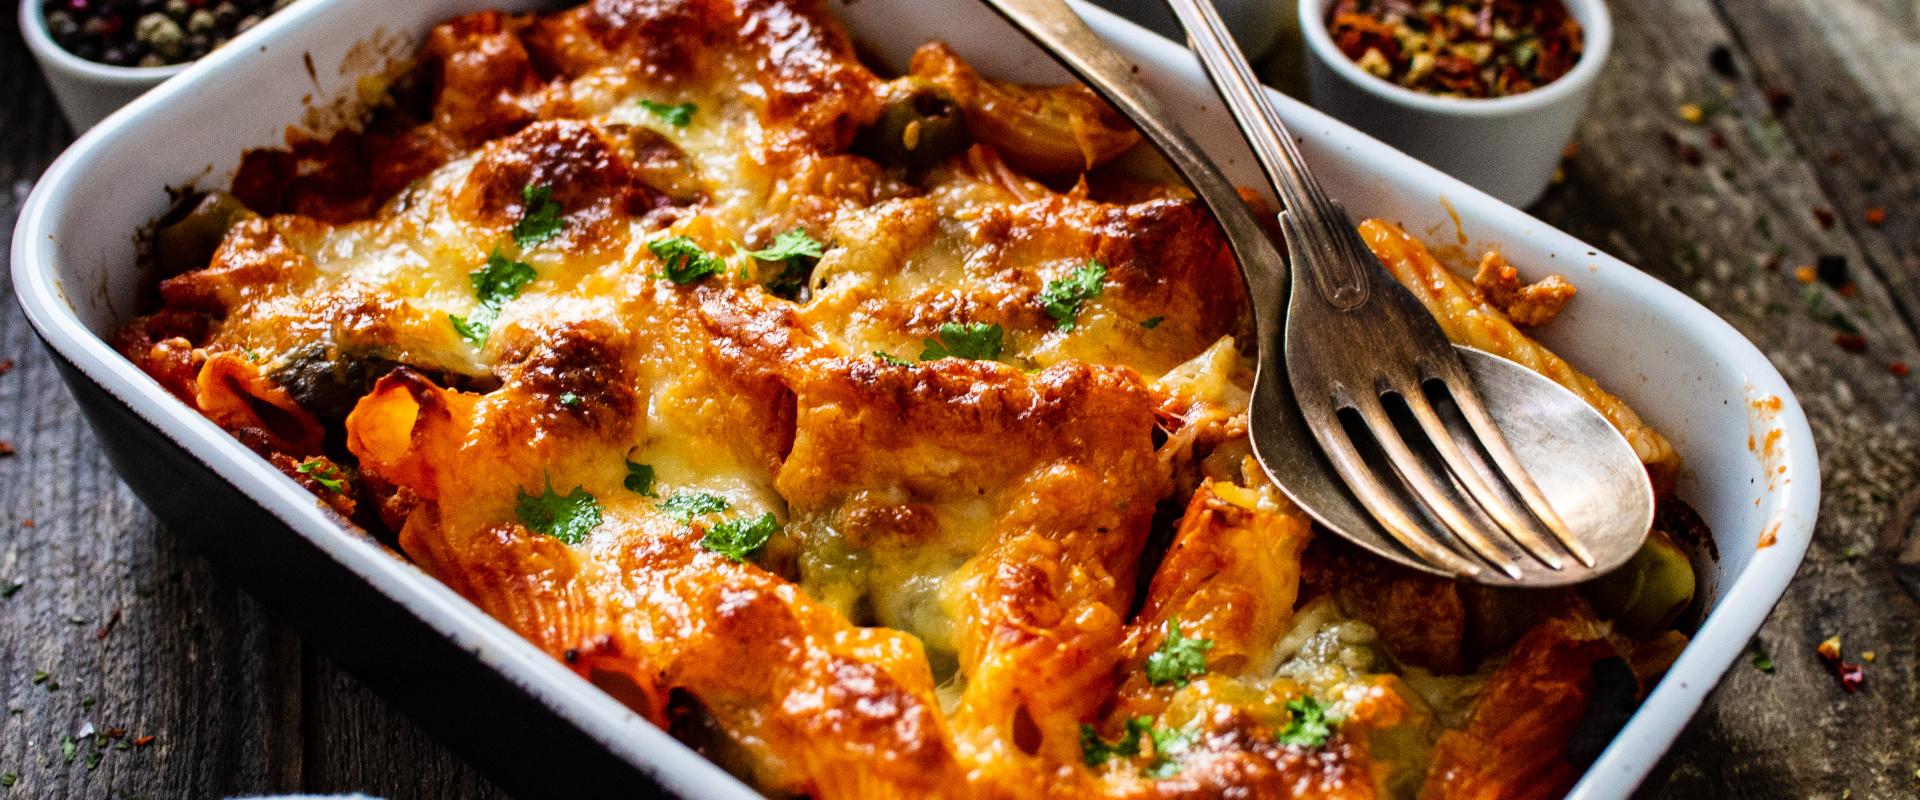 sült tészta csirkével és spenóttal cover ok